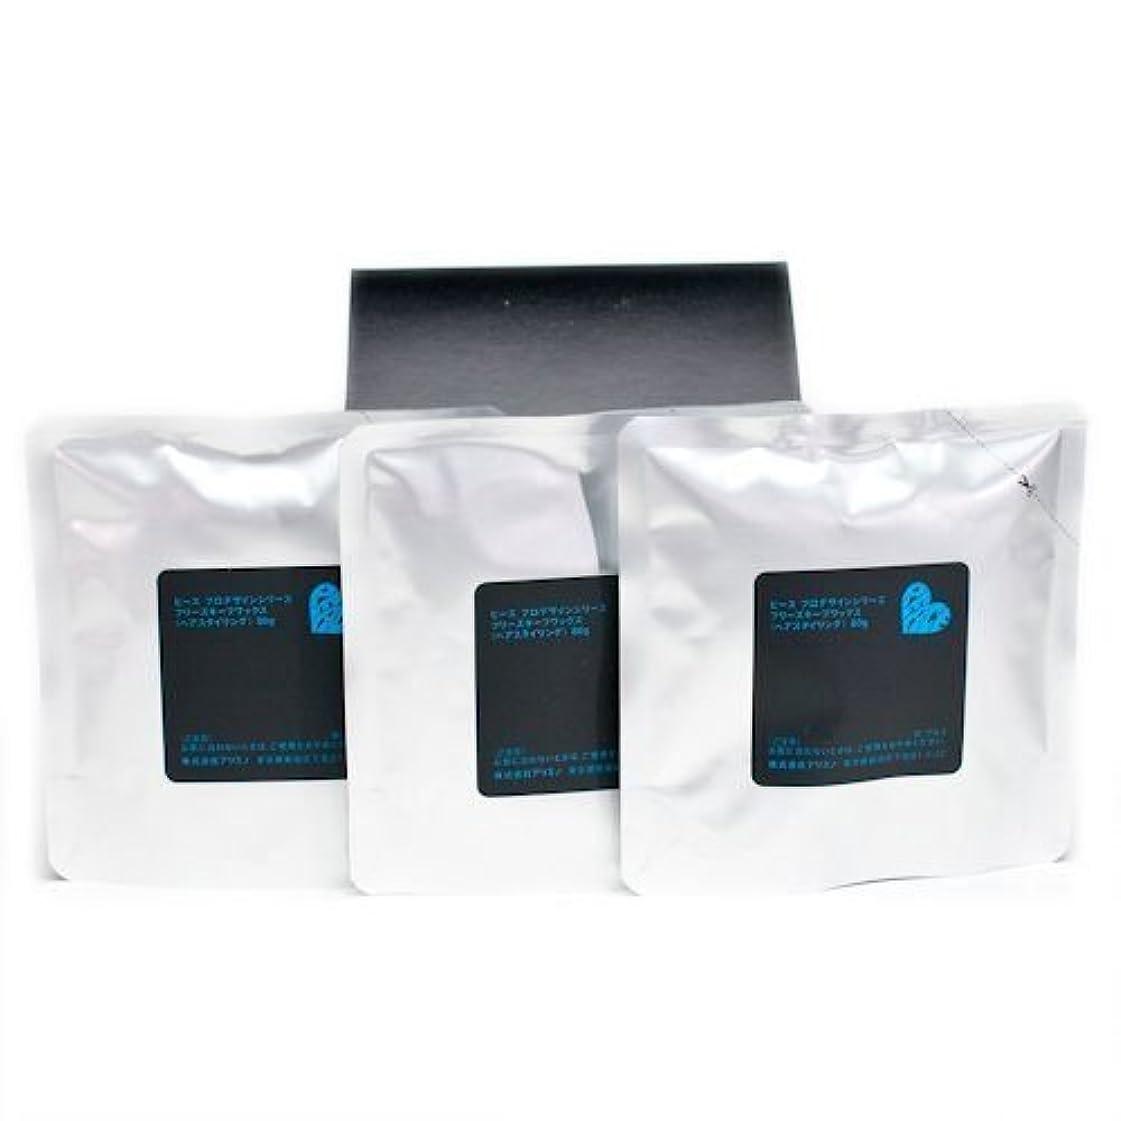 褐色正しく休暇アリミノ ピース プロデザイン フリーズキープワックス80g×3個 ×2個 セット 詰め替え用 arimino PEACE